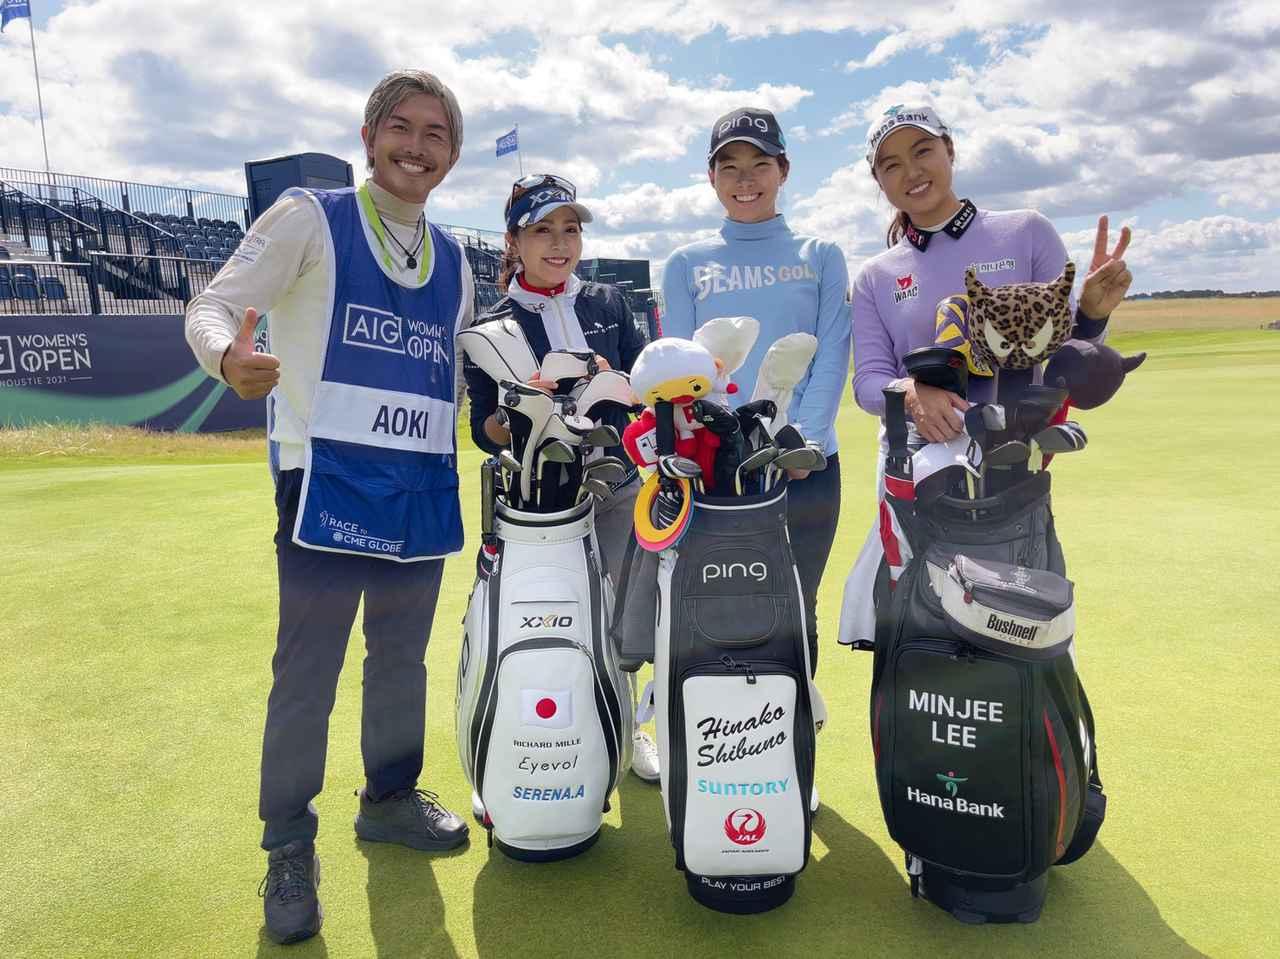 画像: 渋野日向子(真ん中右)、ミンジ―・リー(右)と練習ラウンドを行った青木瀬令奈(真ん中左)、大西翔太(左)